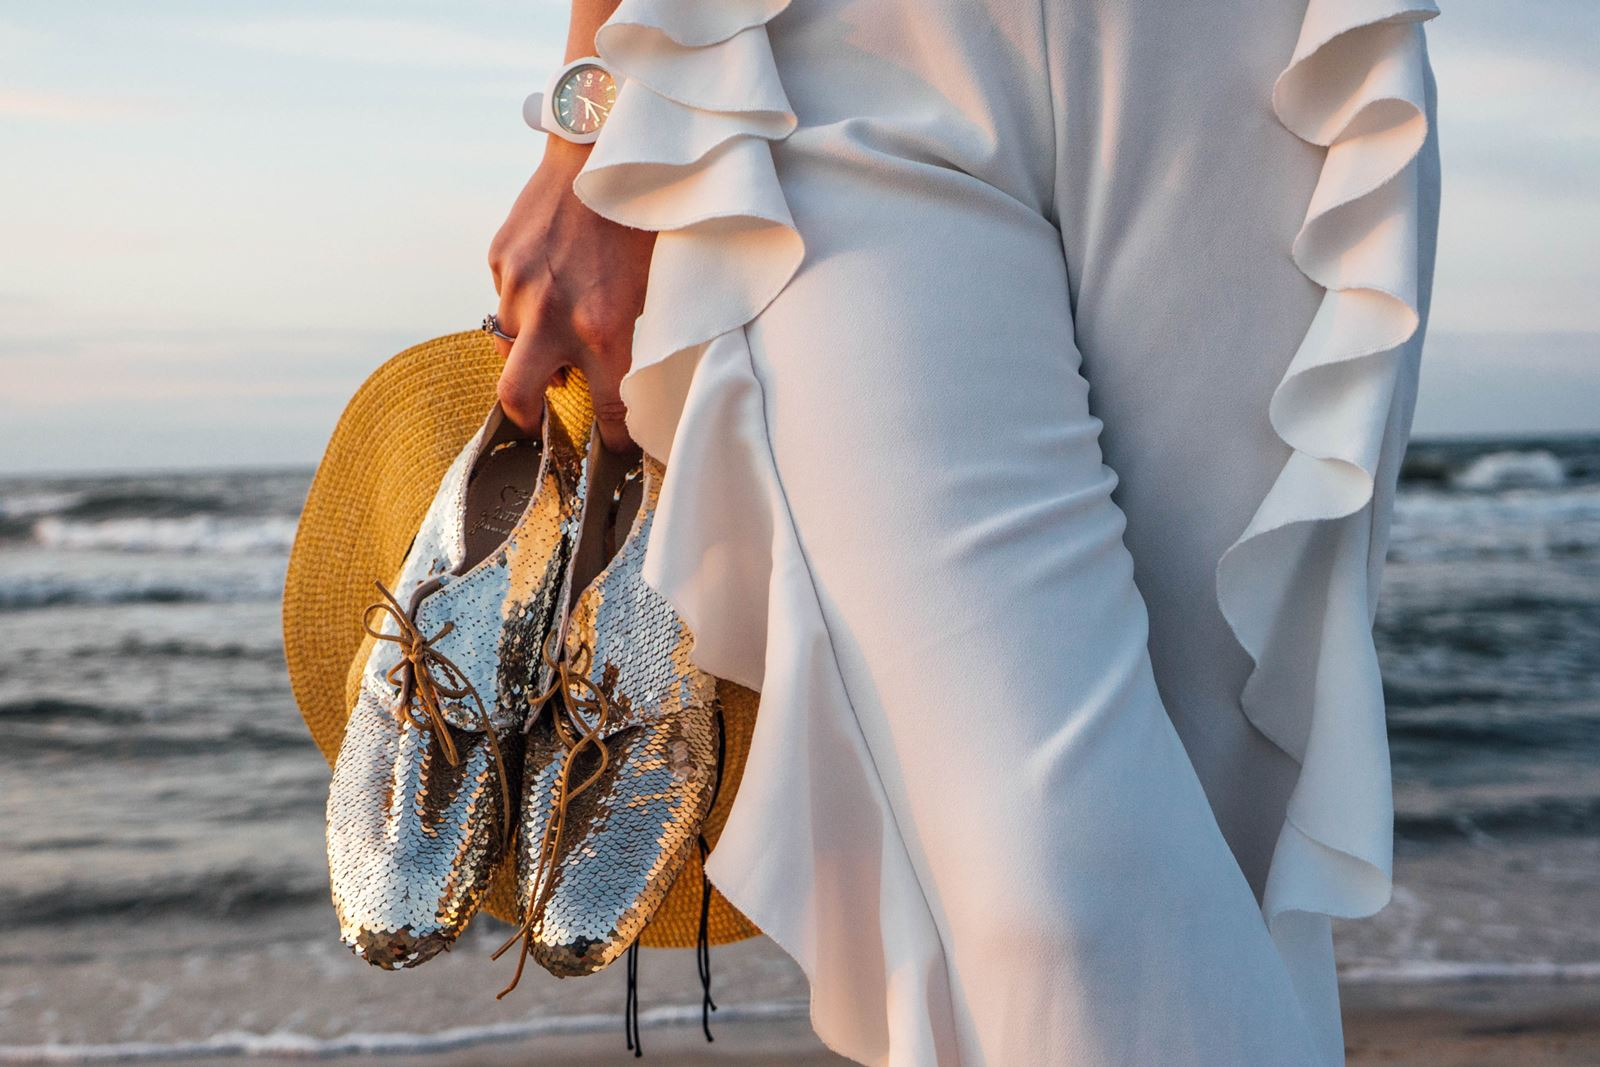 1 buty ślubne na płaskim obcasie, złote buty z cekinami, biała stylizacja all white, spodnie białe z falbanami, satynowy top z koronką, słomkowa torba na plażę, kapelusz plażowy blog łódź blogerka łódzka